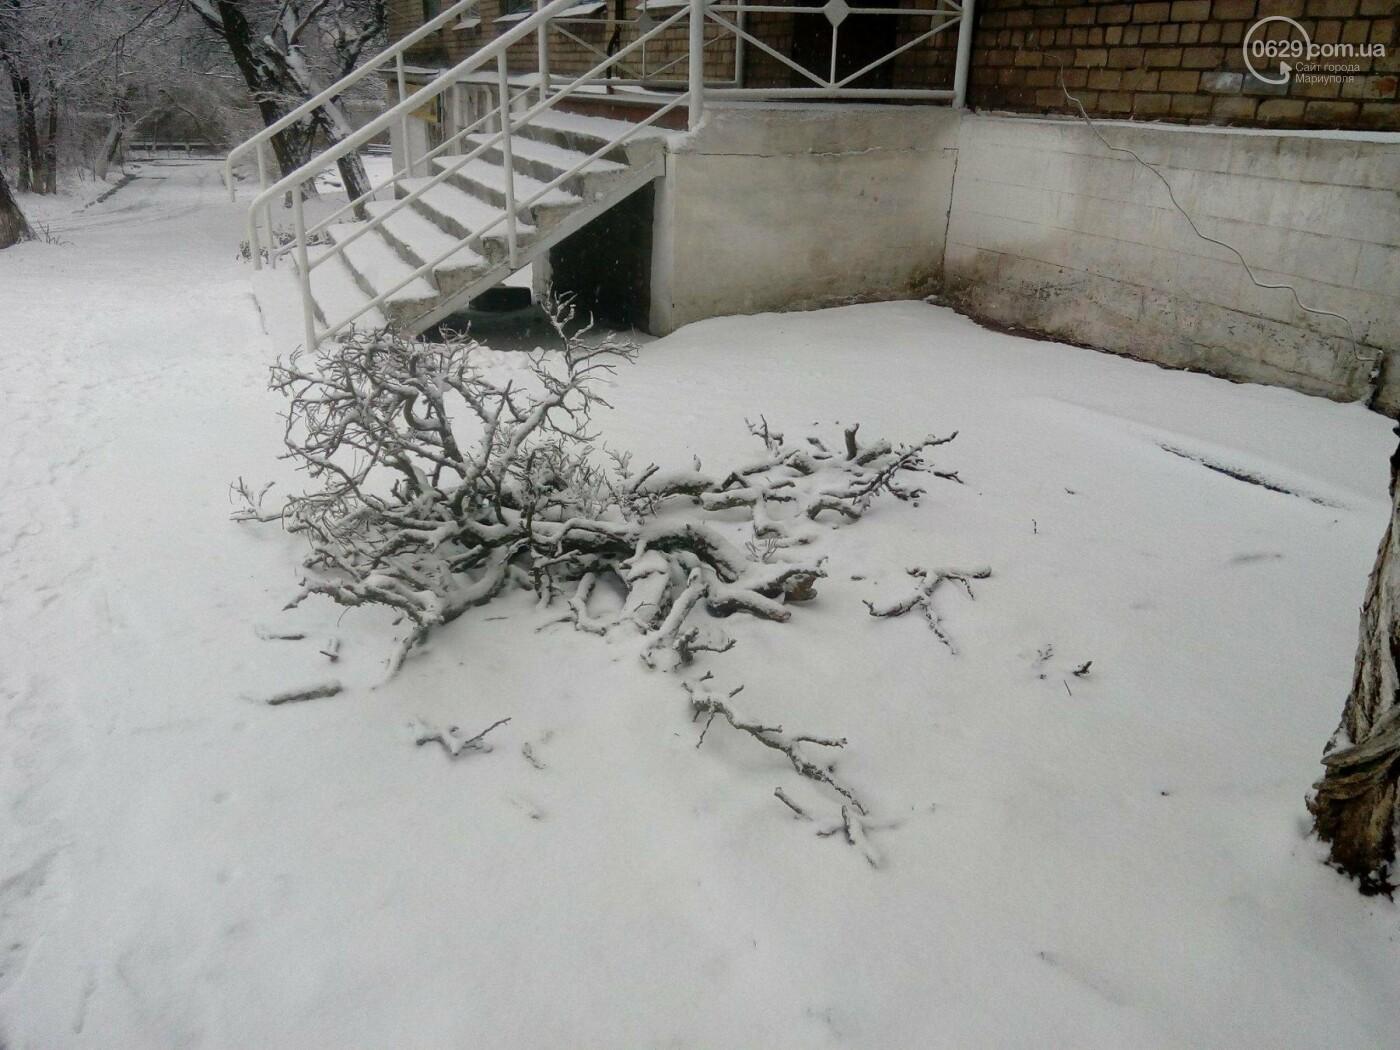 Ледяной плен свалил на дорогу десятки деревьев и обесточил тысячи домов (ФОТО+ВИДЕО), фото-8